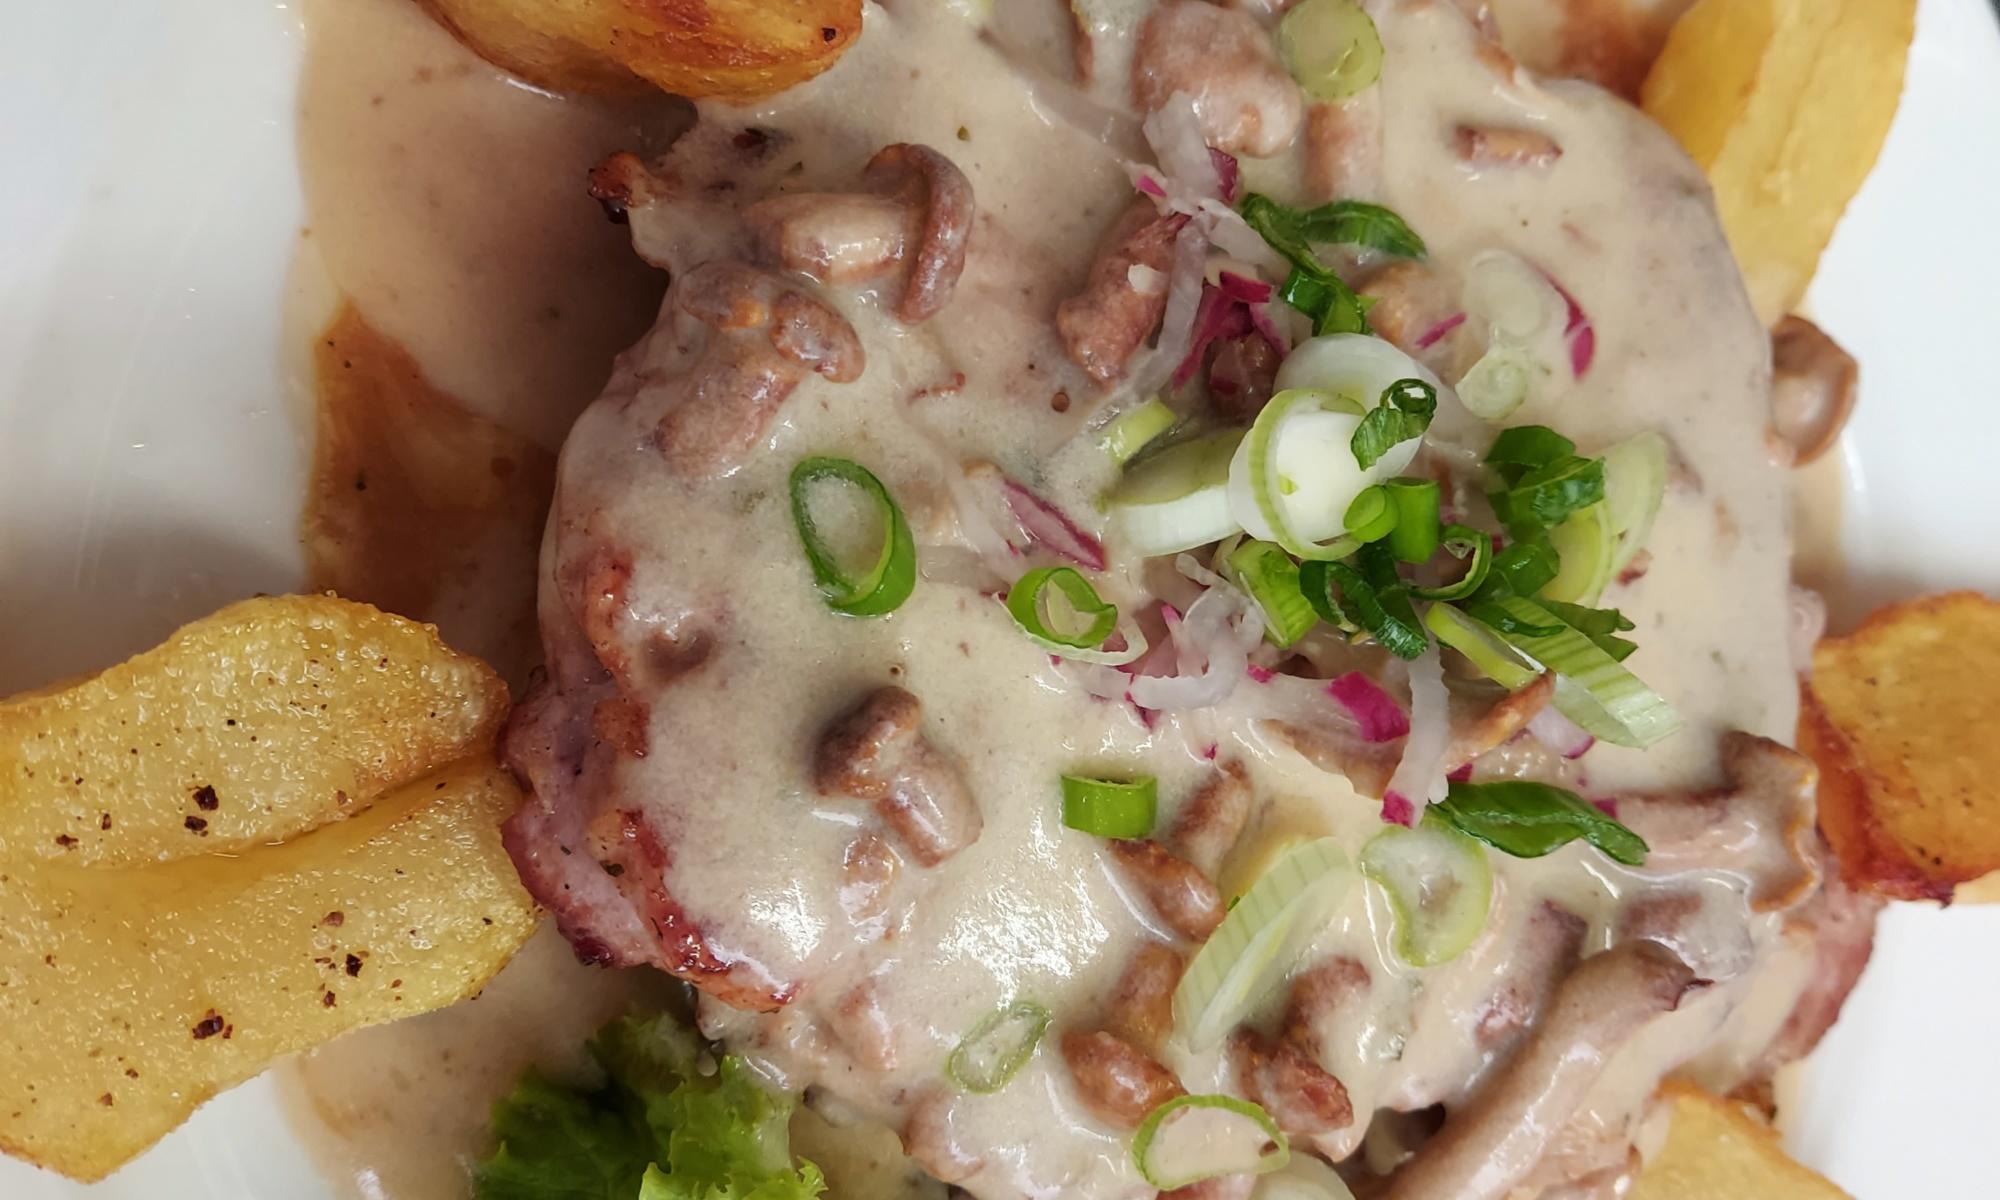 Gegrilltes Schweinskotelett mit Eierschwammerlsauce dazu Bratkartofferl, Nickis Restaurant, Fritz Semper, Gmünd